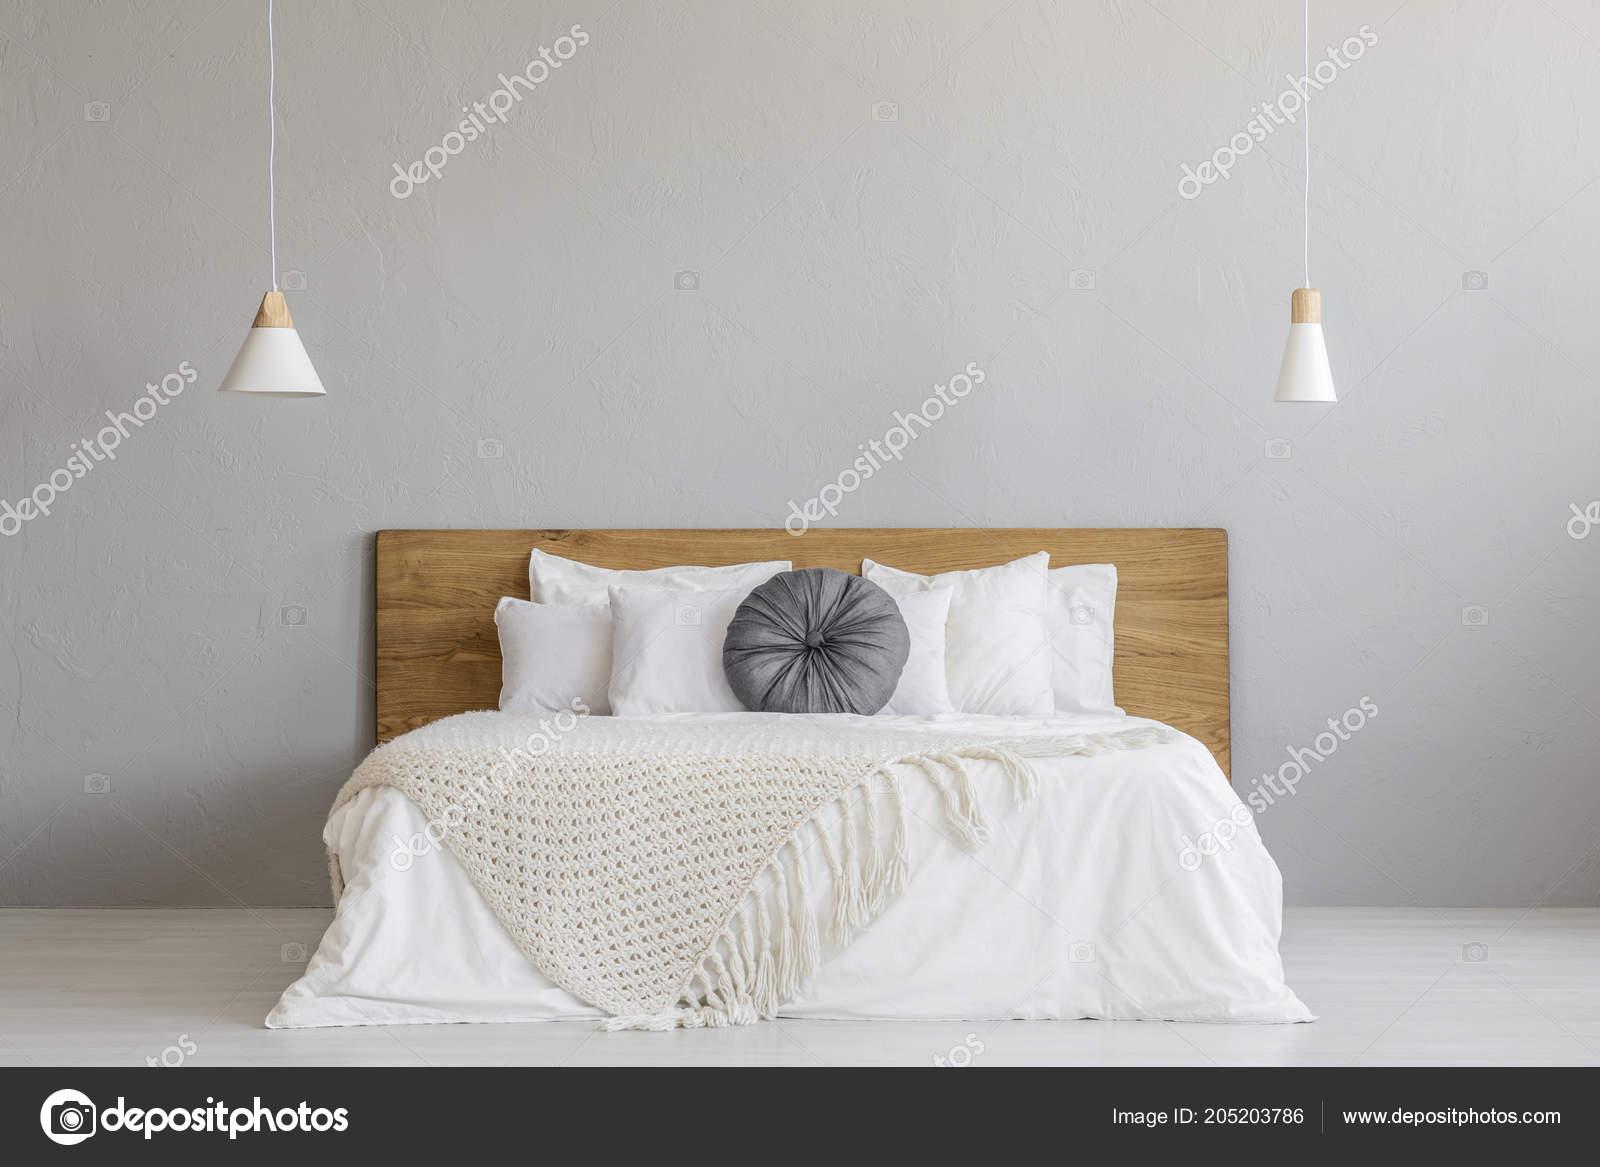 brei de deken op houten bed tegen grijs muur in minimale slaapkamer interieur met lampen echte foto met een plek voor uw nachtkastje foto van